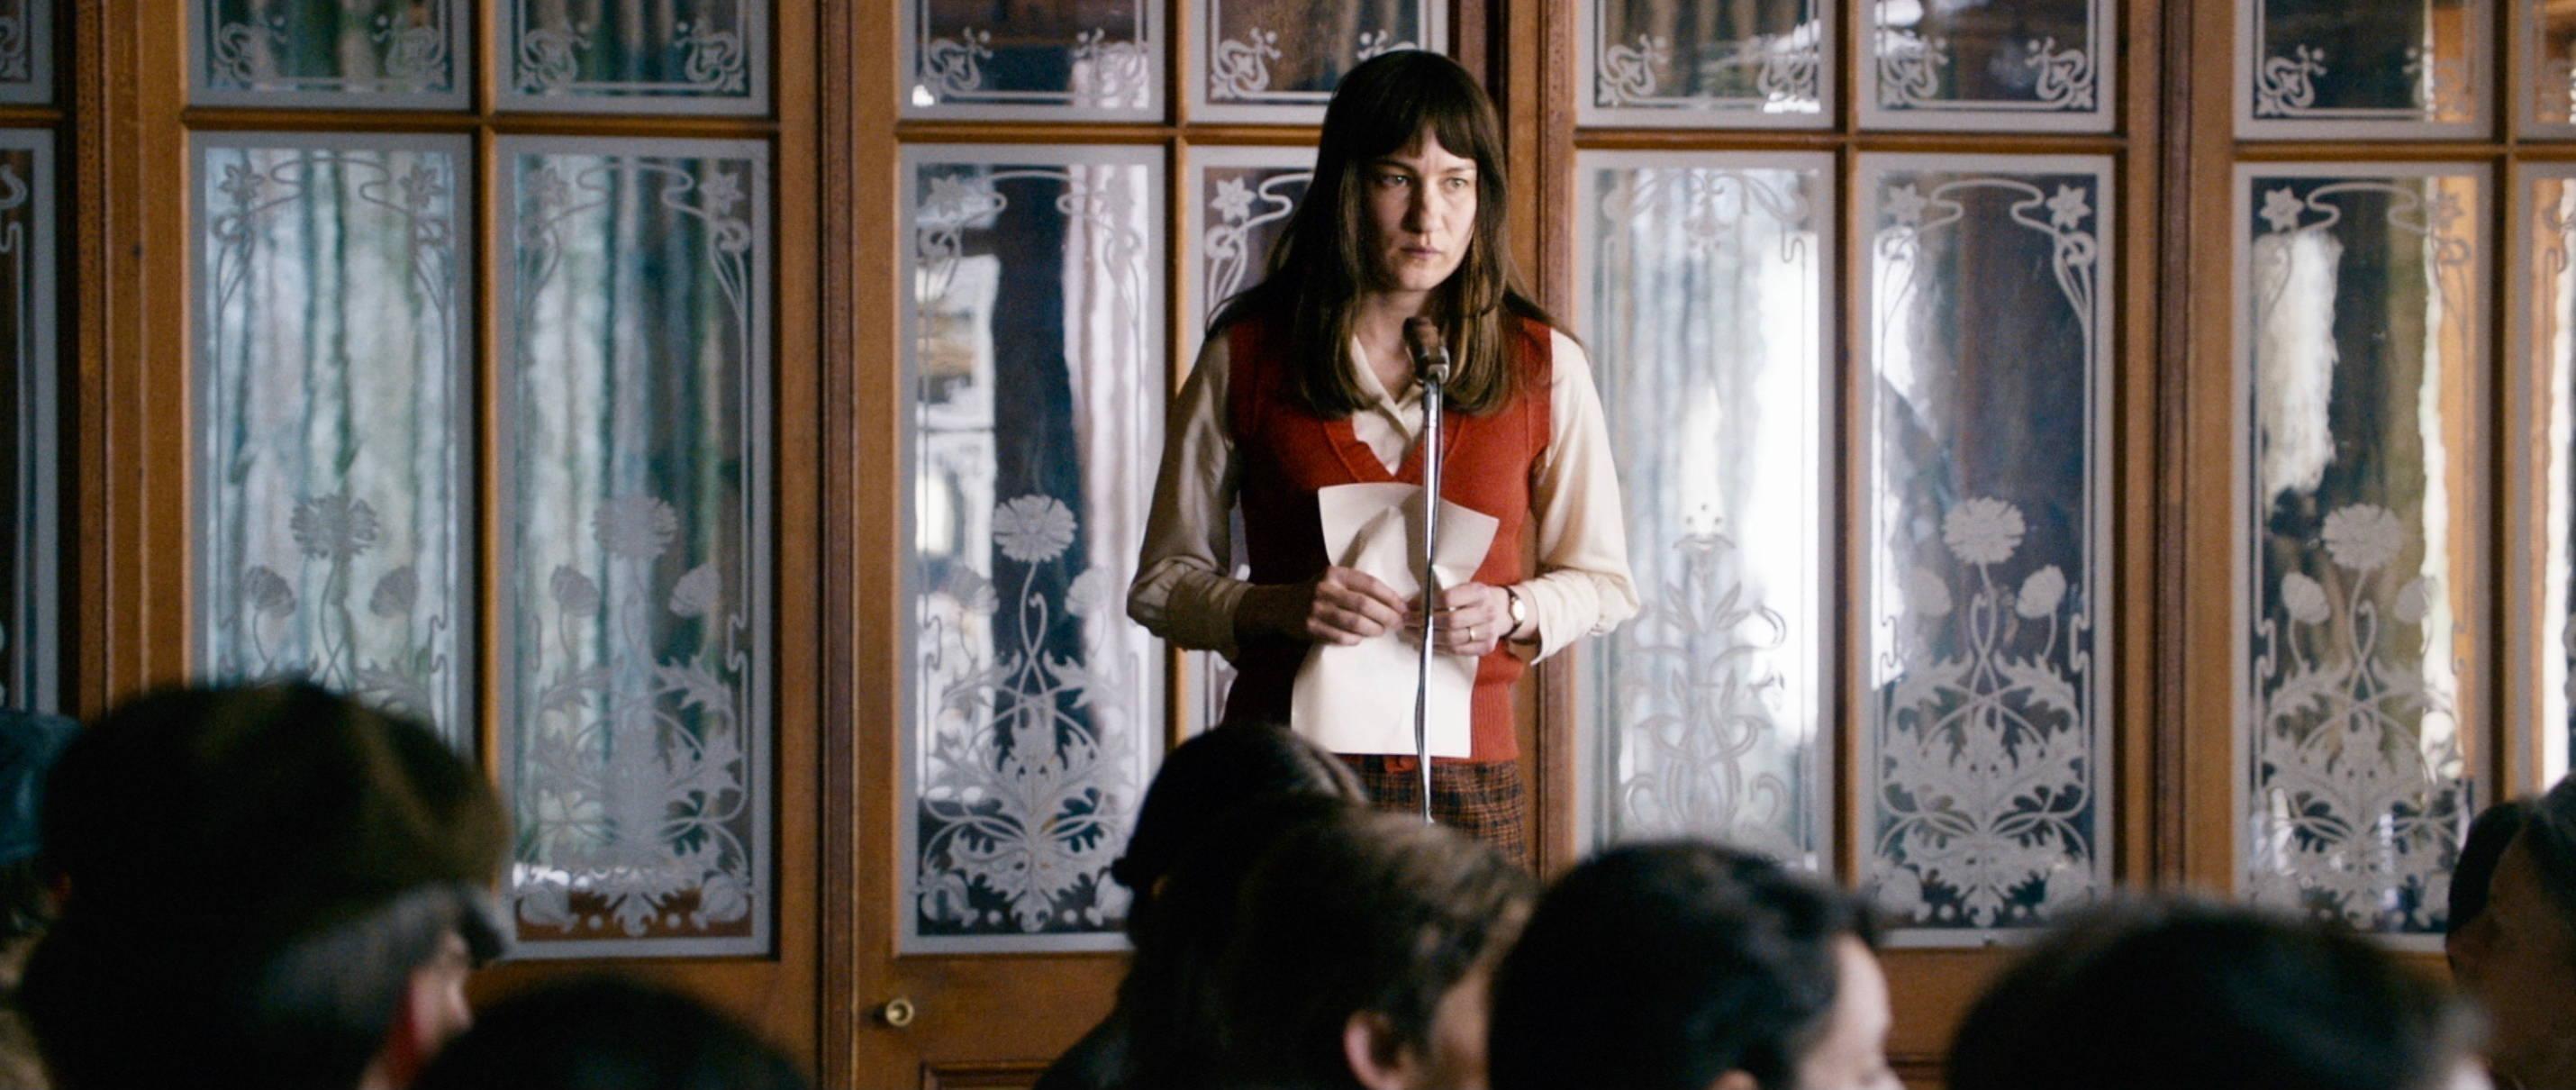 Die göttliche Ordnung - The Divine Order - Nora hält eine Rede - Regie Petra Volpe - Kamera Judith Kaufmann